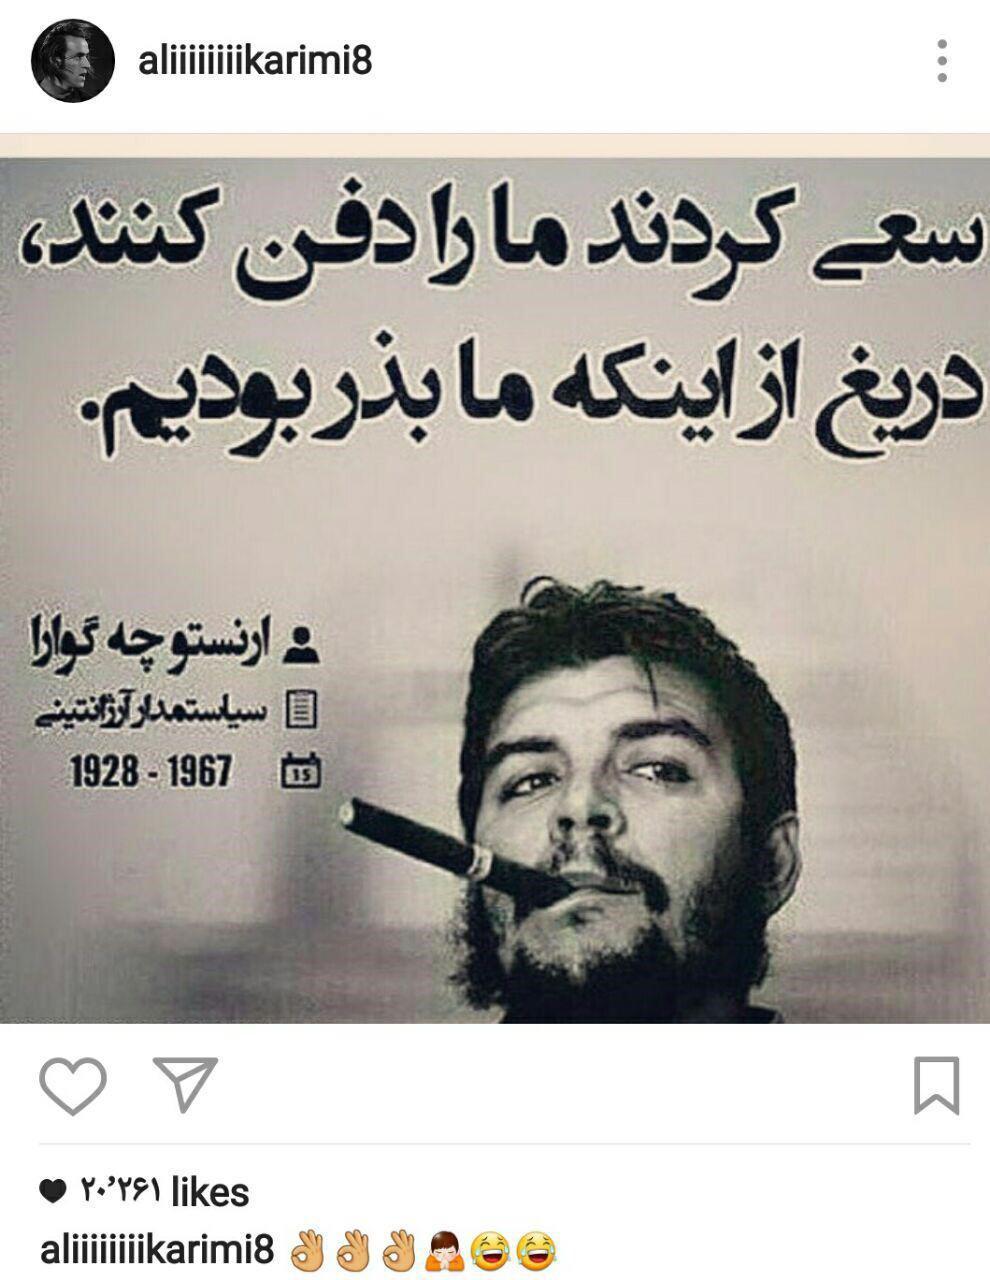 جدیدترین پست اینستاگرامی علی کریمی بعد از بیانیه کیروش